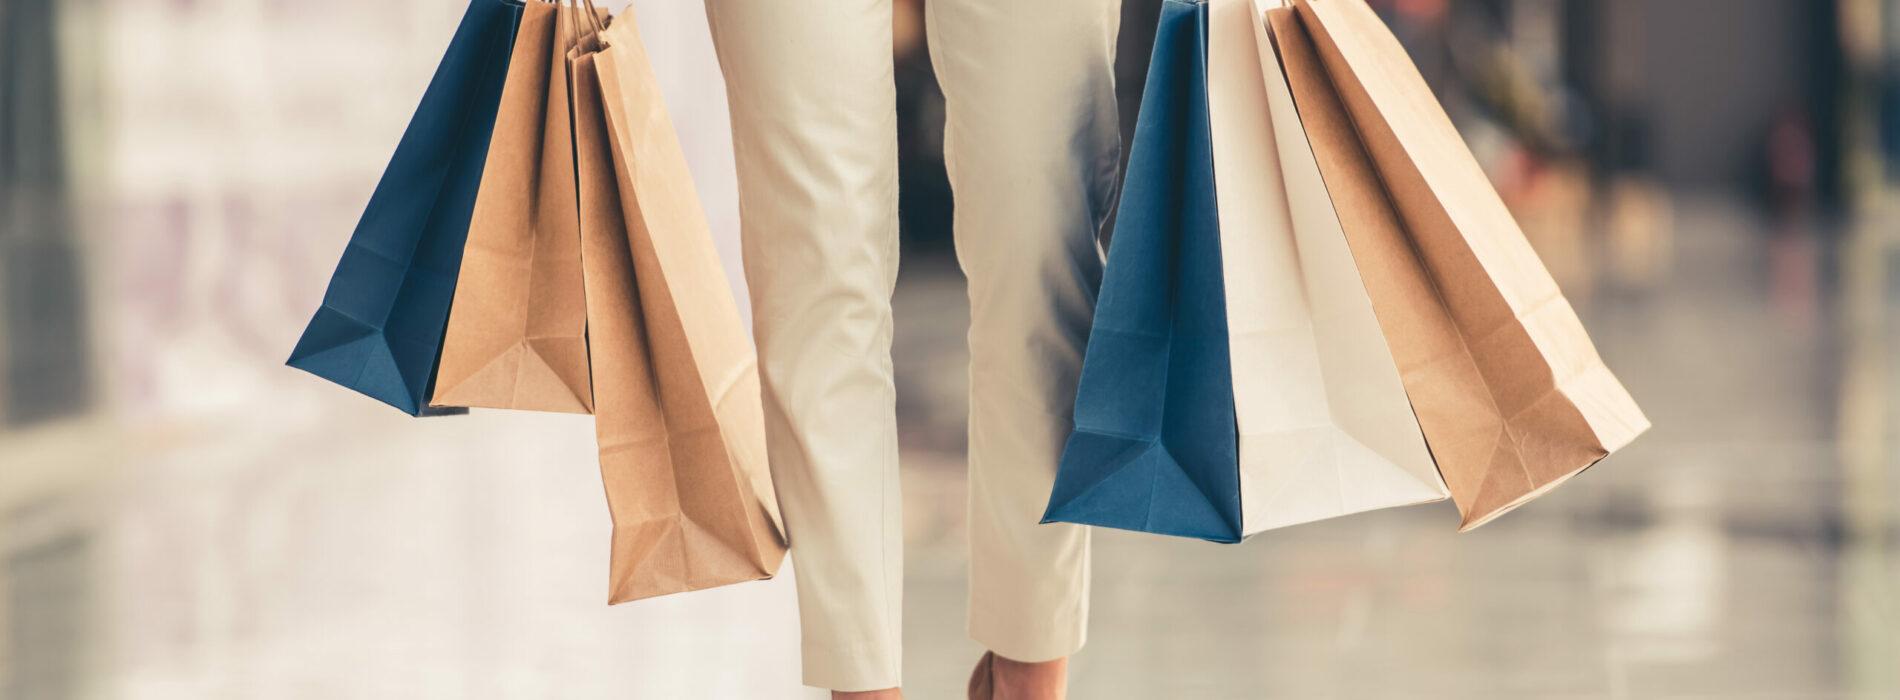 Zakupy w centrach handlowych — czy są bezpieczne?